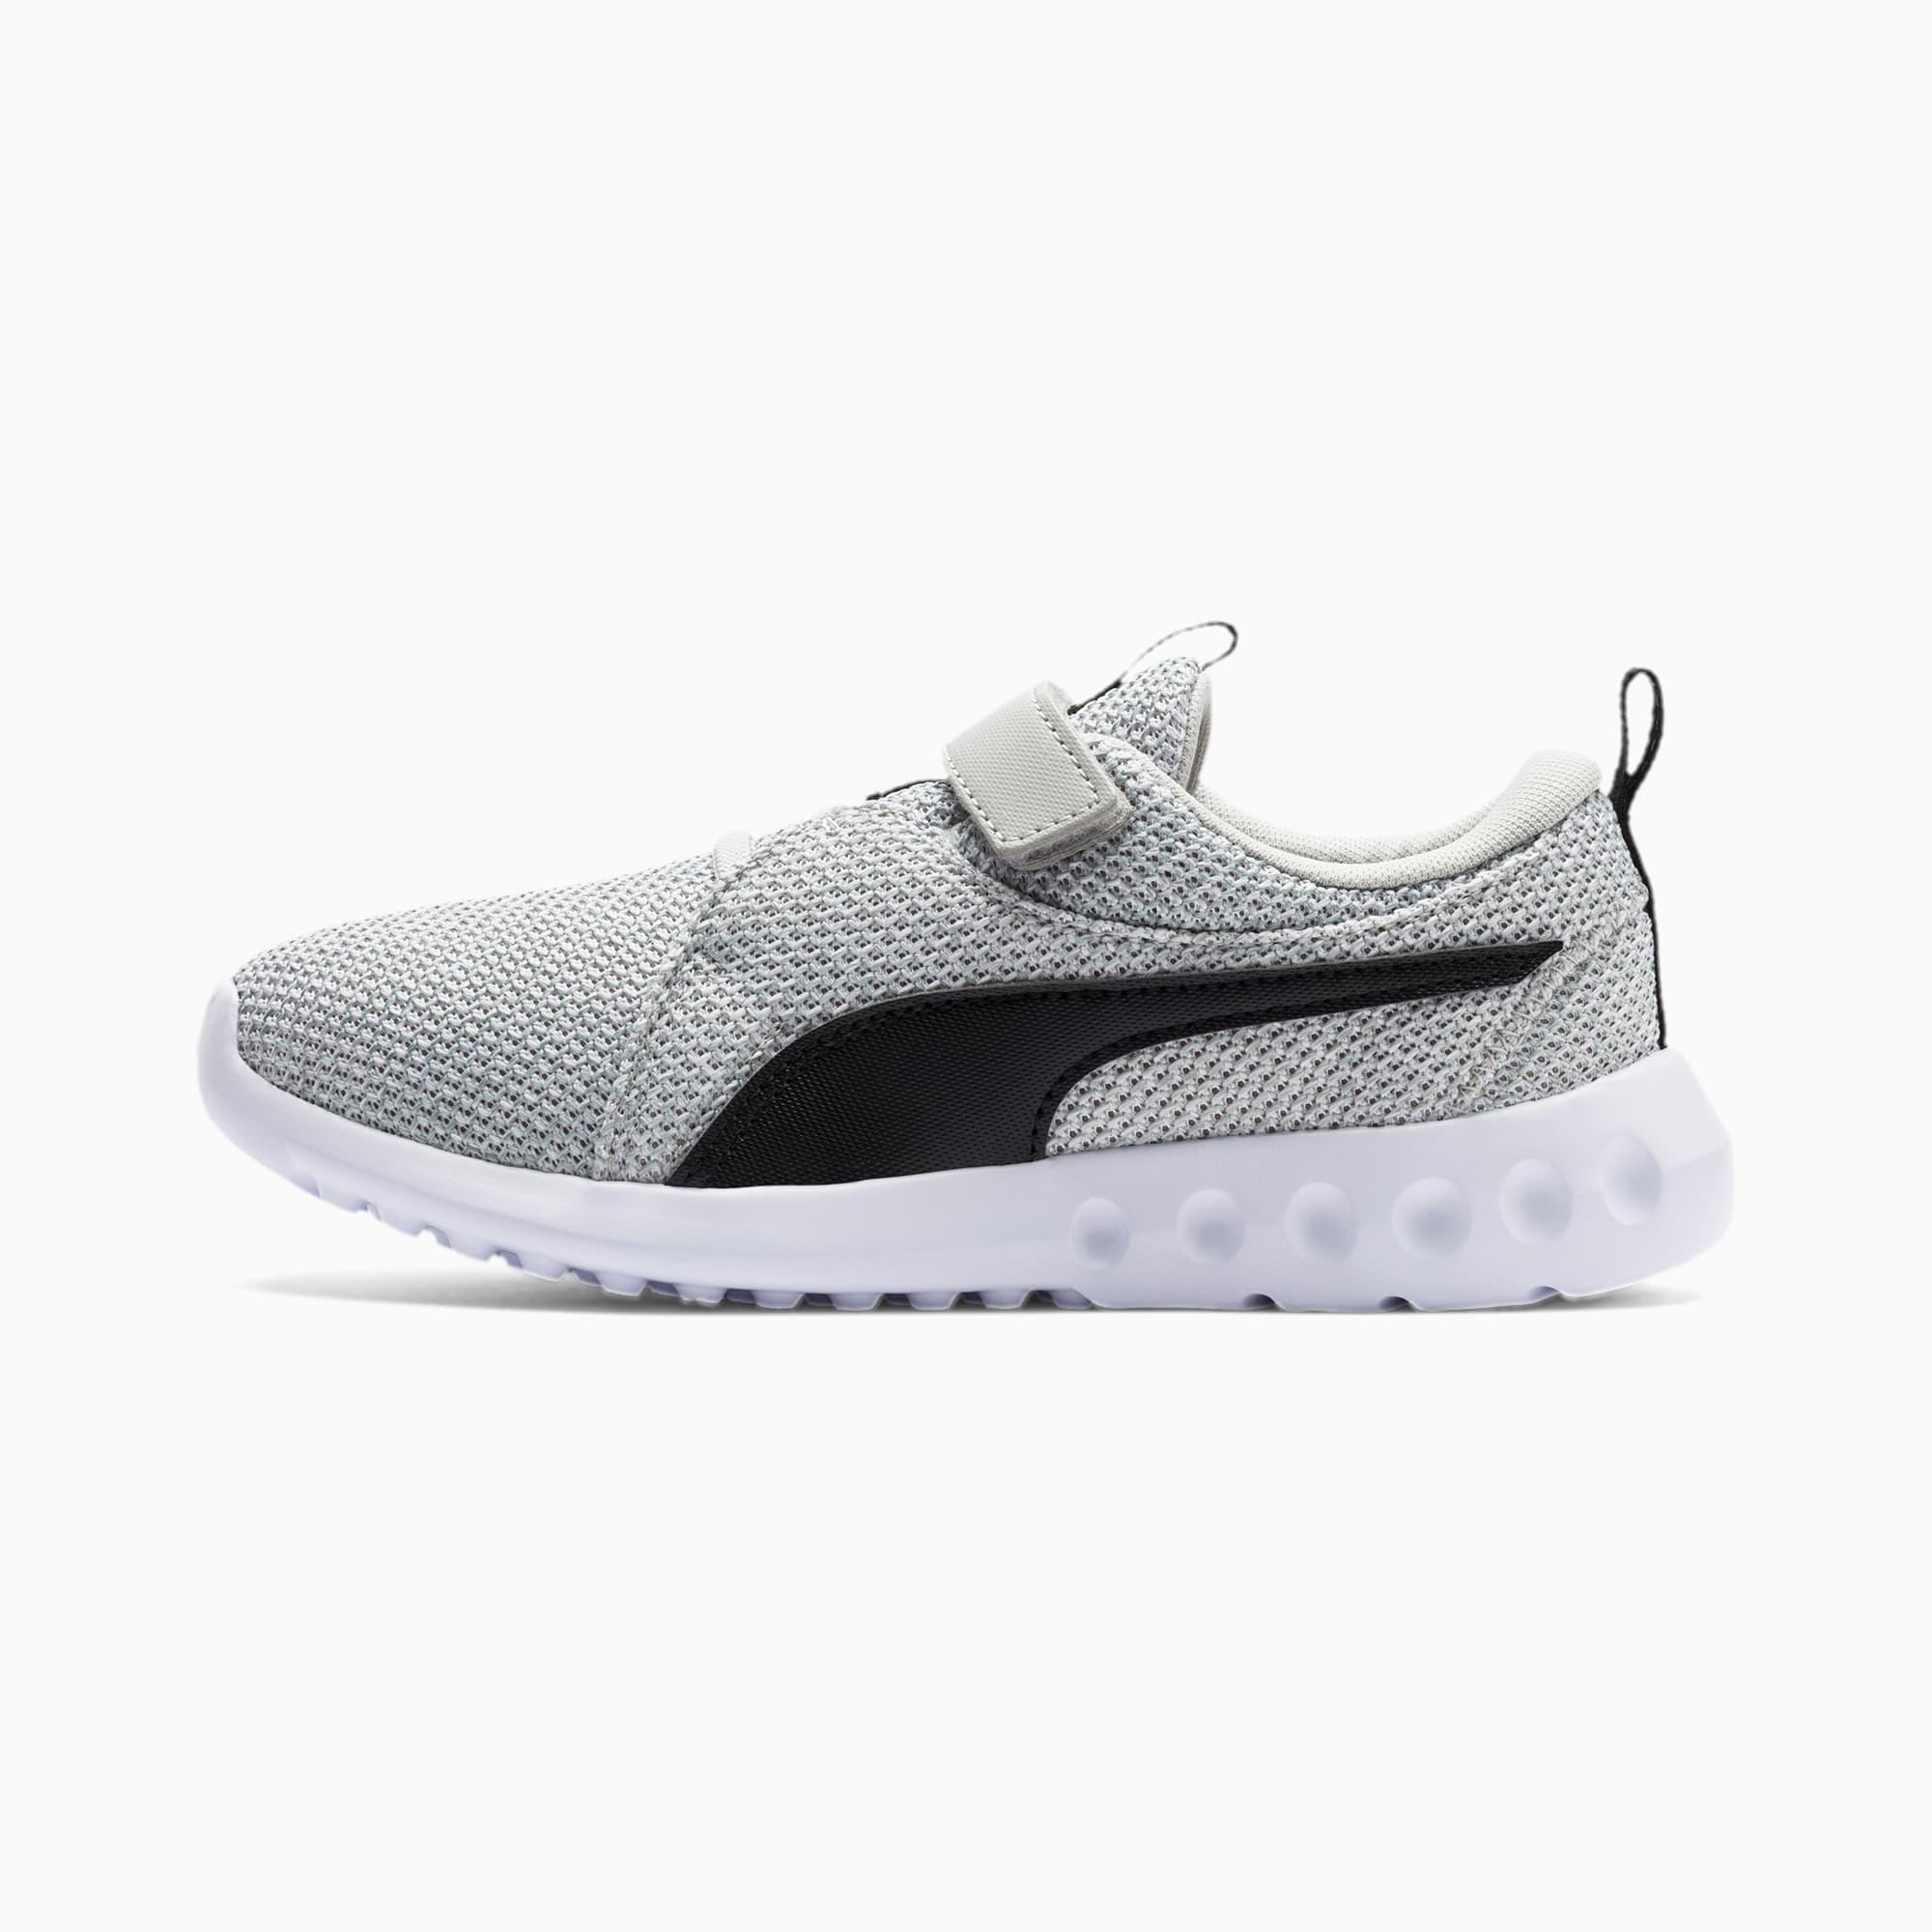 chaussure basket carson 2 bold knit v pour enfant, gris/noir, taille 29, chaussures